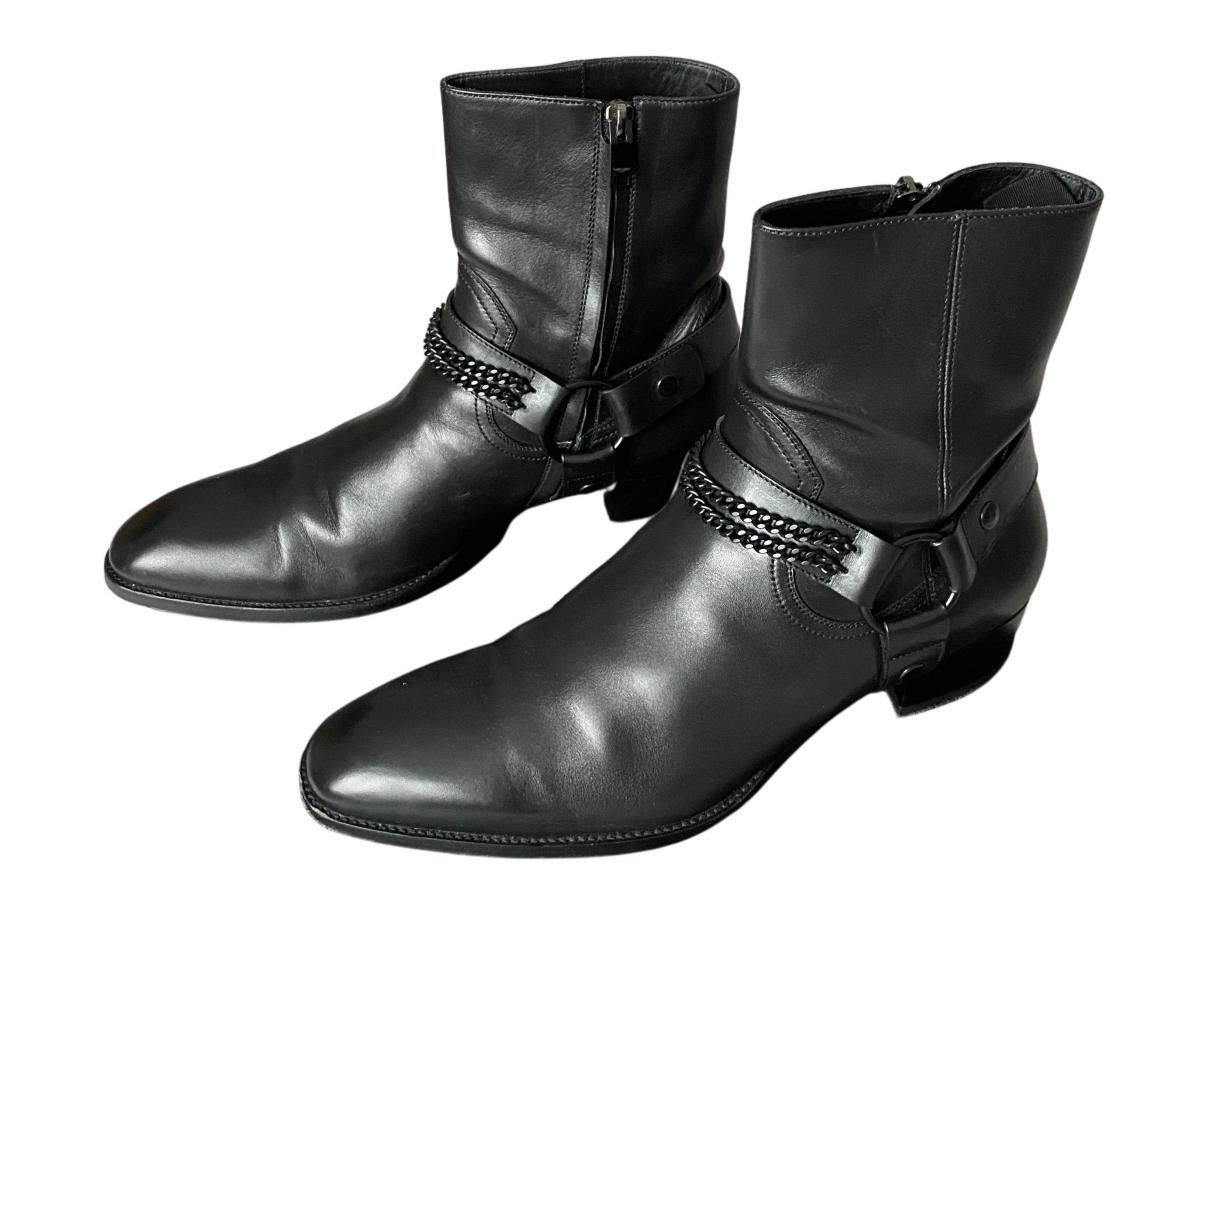 Saint Laurent Wyatt Stiefel in  Schwarz Leder